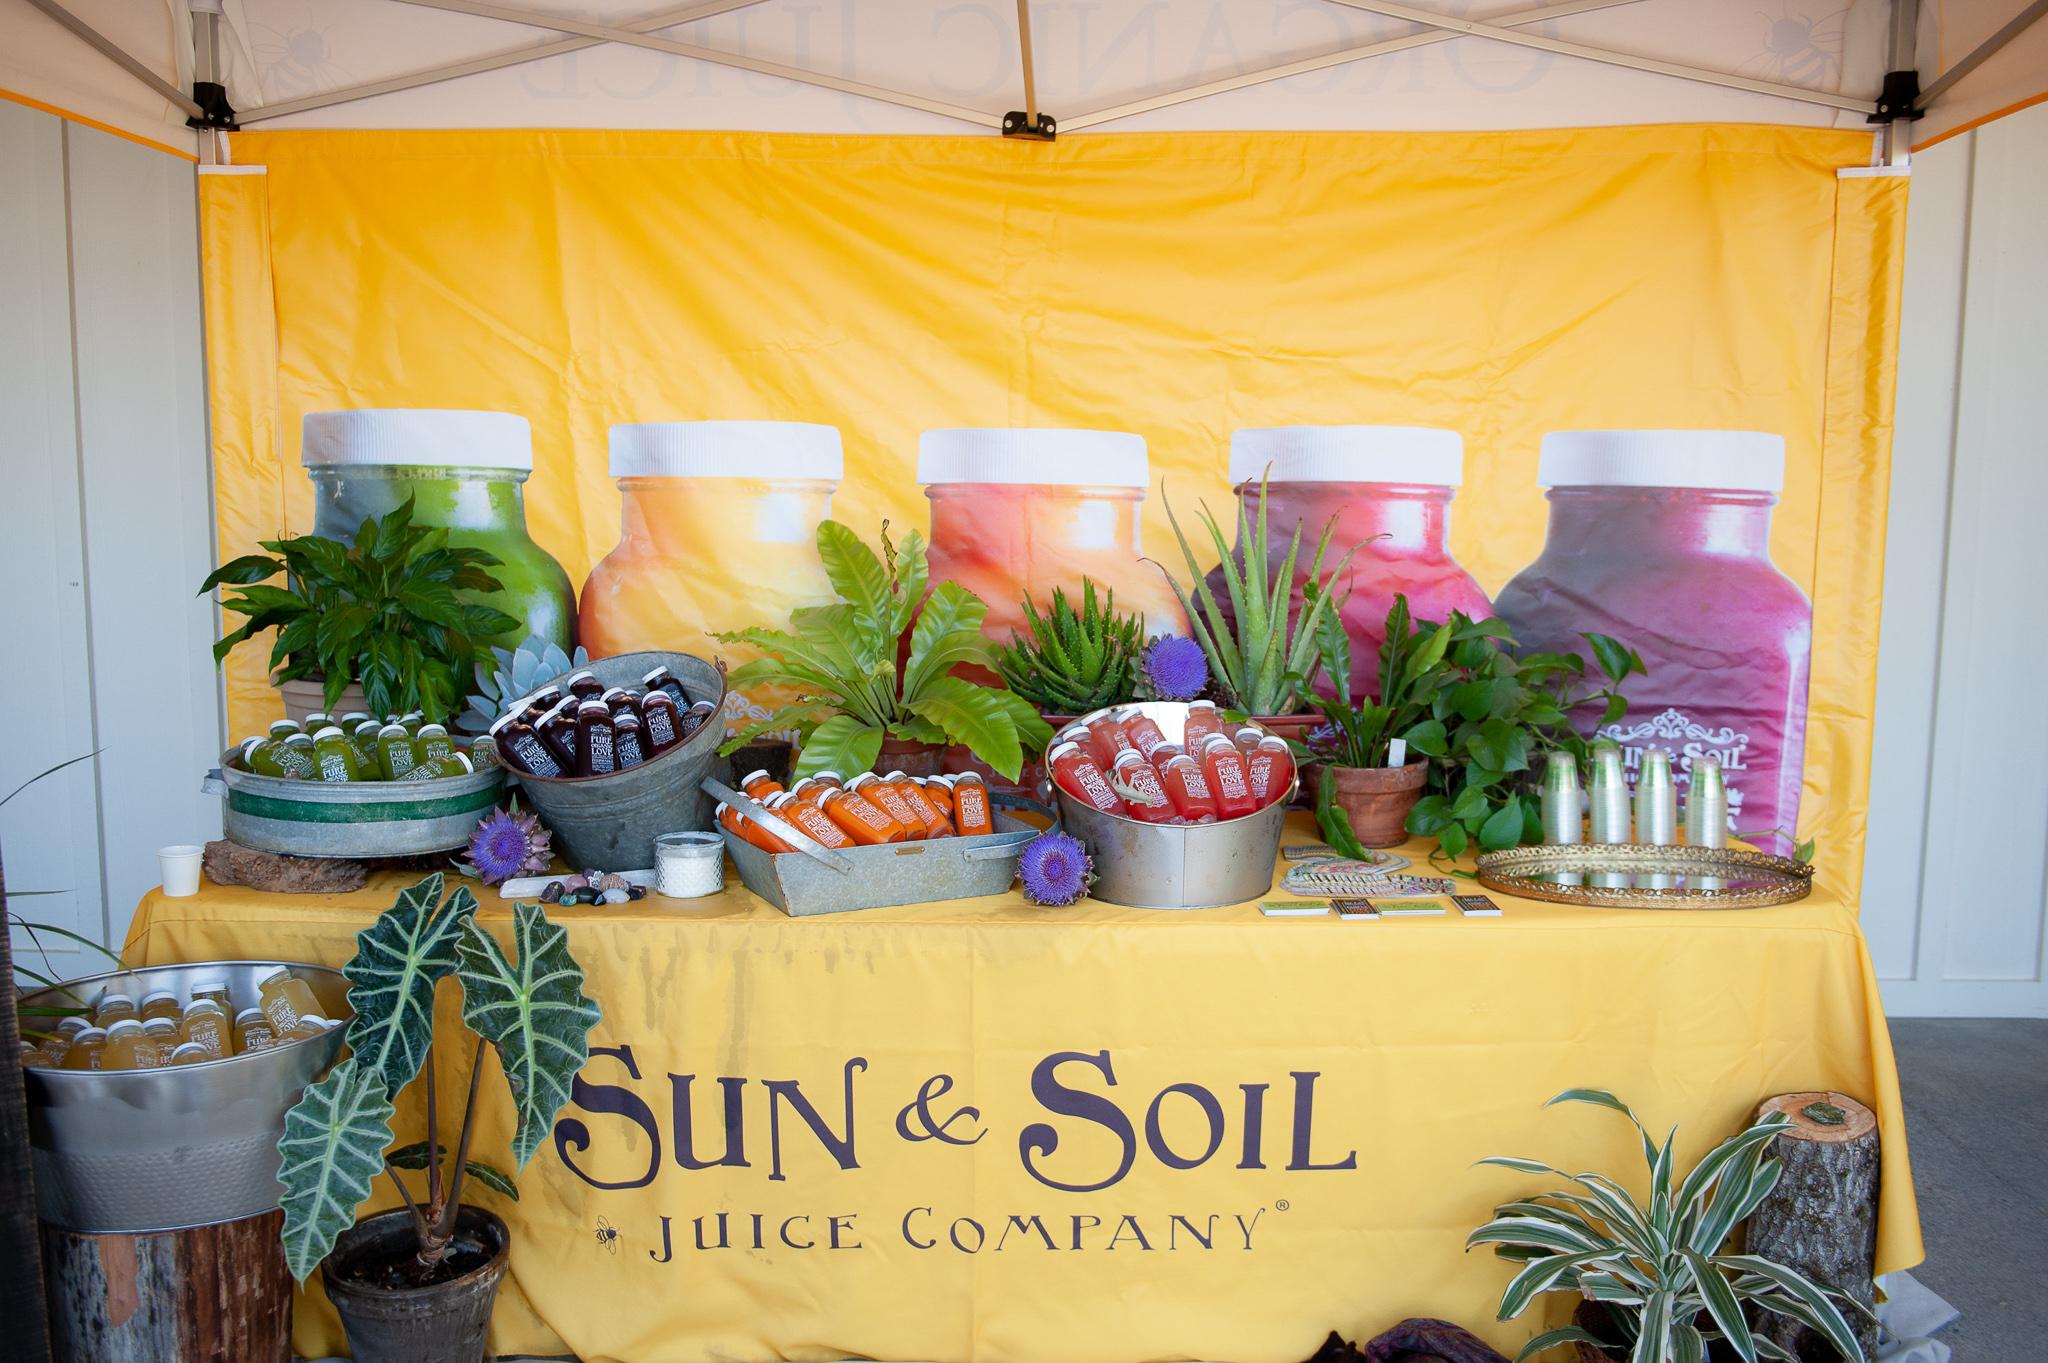 Sun & Soil Juice